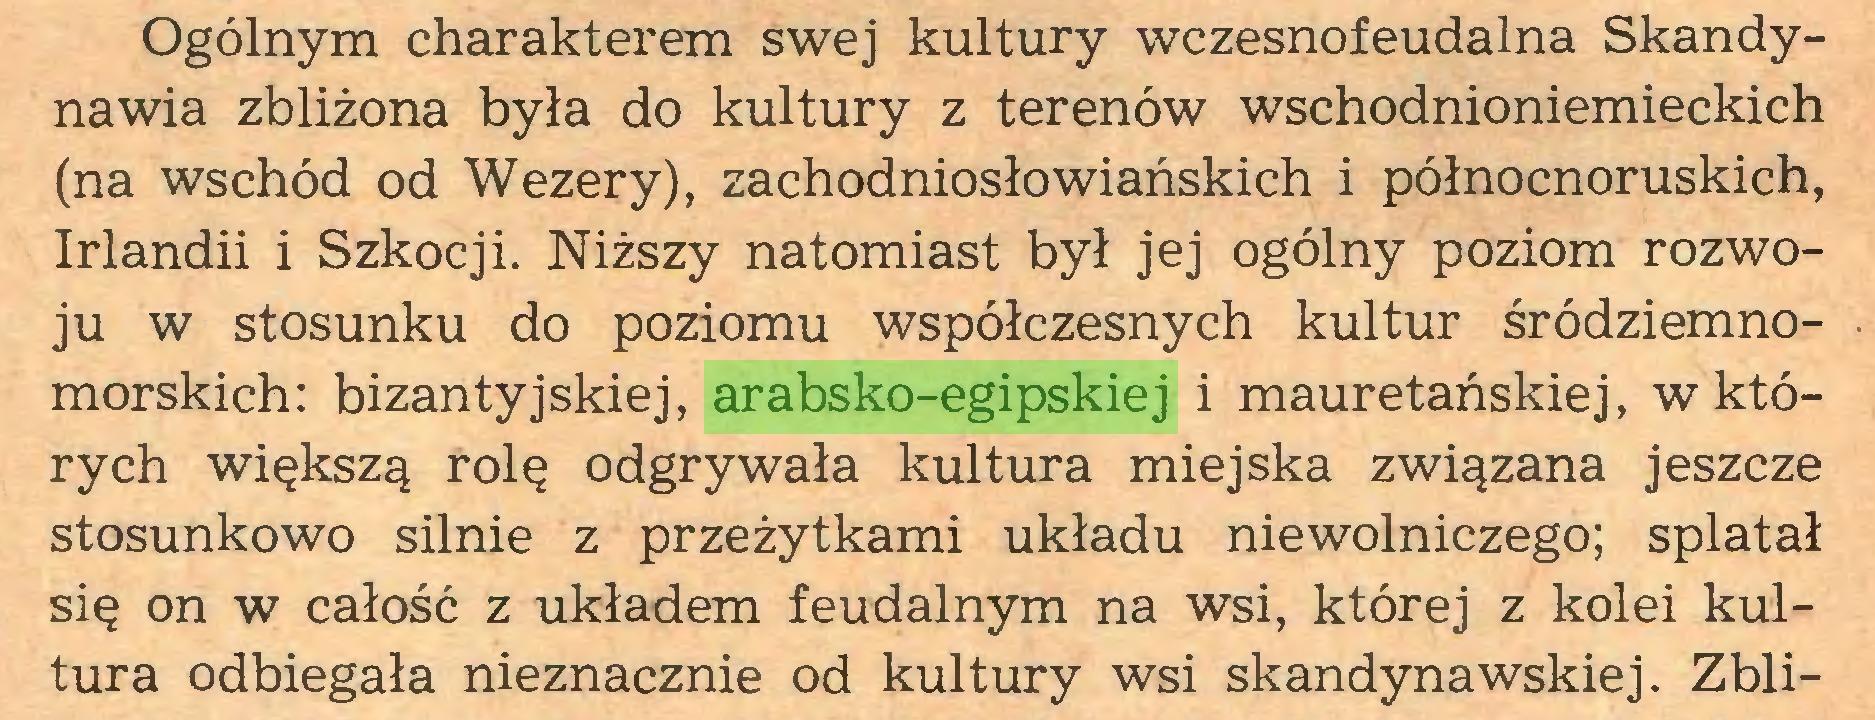 (...) Ogólnym charakterem swej kultury wczesnofeudalna Skandynawia zbliżona była do kultury z terenów wschodnioniemieckich (na wschód od Wezery), zachodniosłowiańskich i północnoruskich, Irlandii i Szkocji. Niższy natomiast był jej ogólny poziom rozwoju w stosunku do poziomu współczesnych kultur śródziemnomorskich: bizantyjskiej, arabsko-egipskiej i mauretańskiej, w których większą rolę odgrywała kultura miejska związana jeszcze stosunkowo silnie z przeżytkami układu niewolniczego; splatał się on w całość z układem feudalnym na wsi, której z kolei kultura odbiegała nieznacznie od kultury wsi skandynawskiej. Zbli...